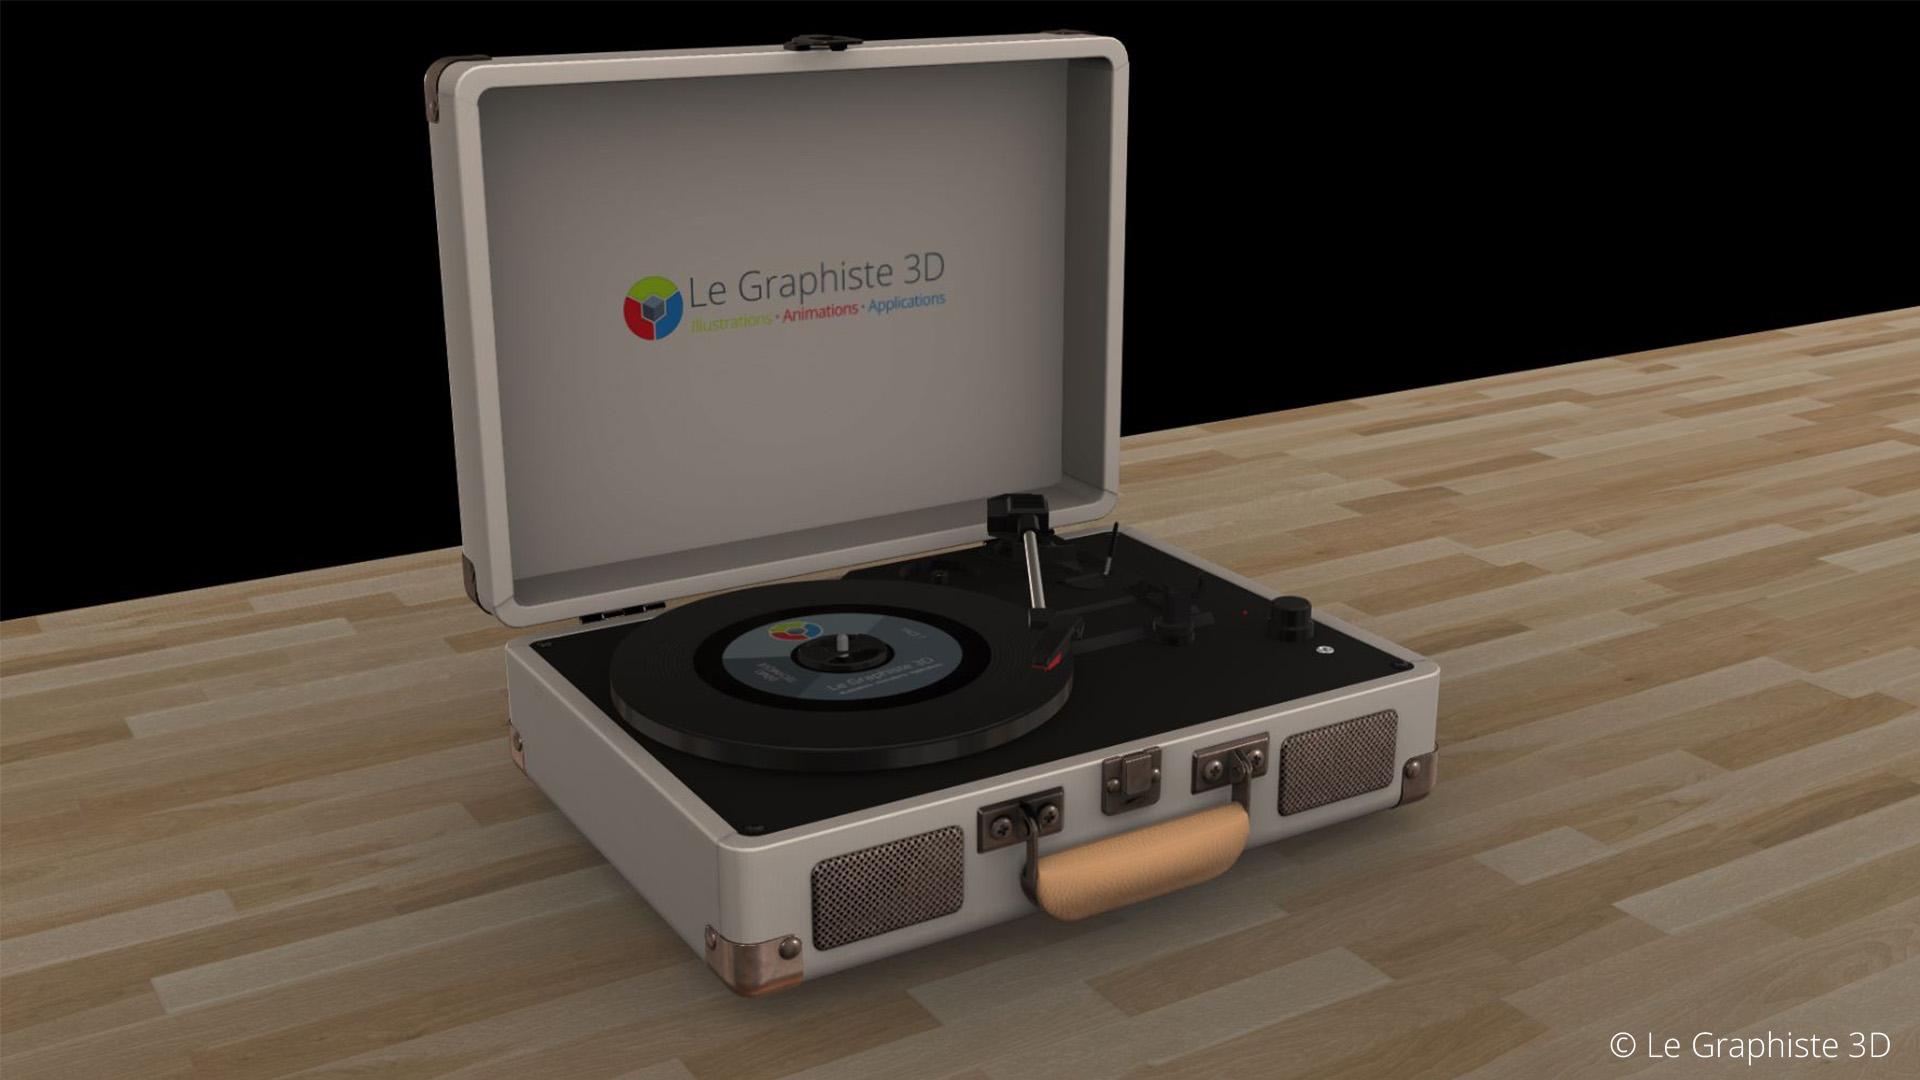 Application 3D temps réel - Tourne-disque beige sur fond noir - Le Graphiste 3D